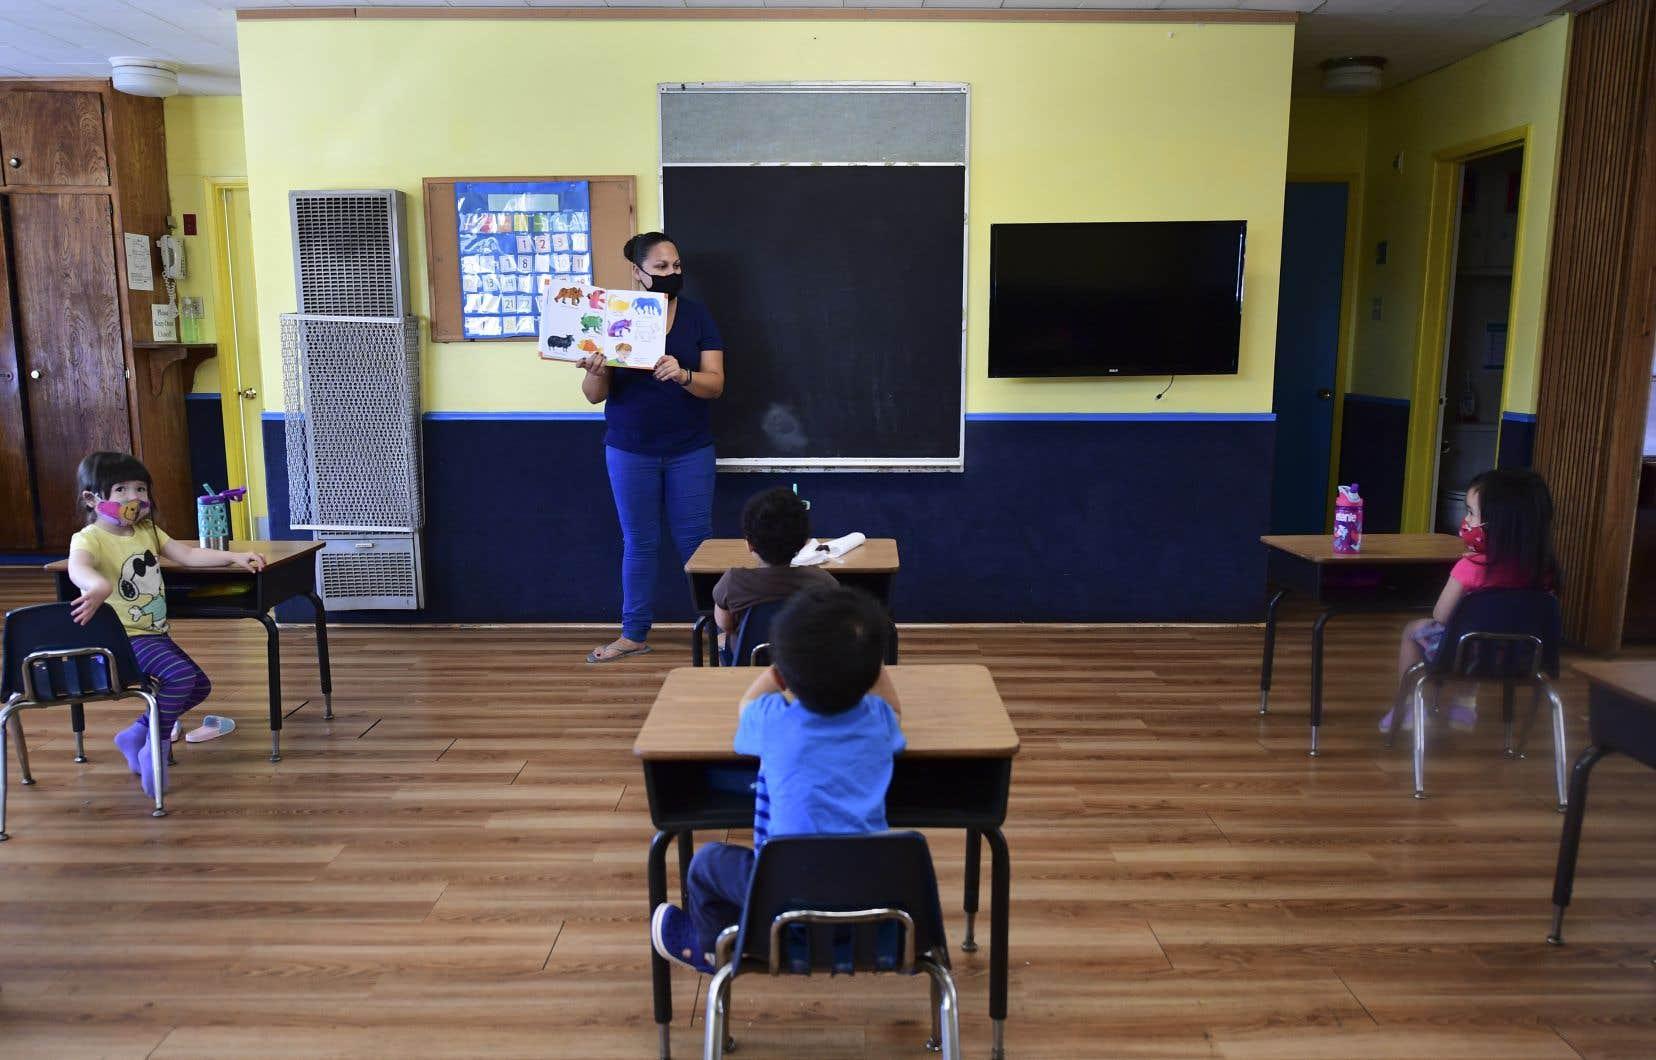 «J'exhorte toutes les écoles à ouvrir [à l'automne] et à proposer à leurs élèves des cours à plein temps», a déclaré sur CNN dimanche matin la ministre américaine de l'Education Betsy DeVos, relayant l'appel présidentiel.